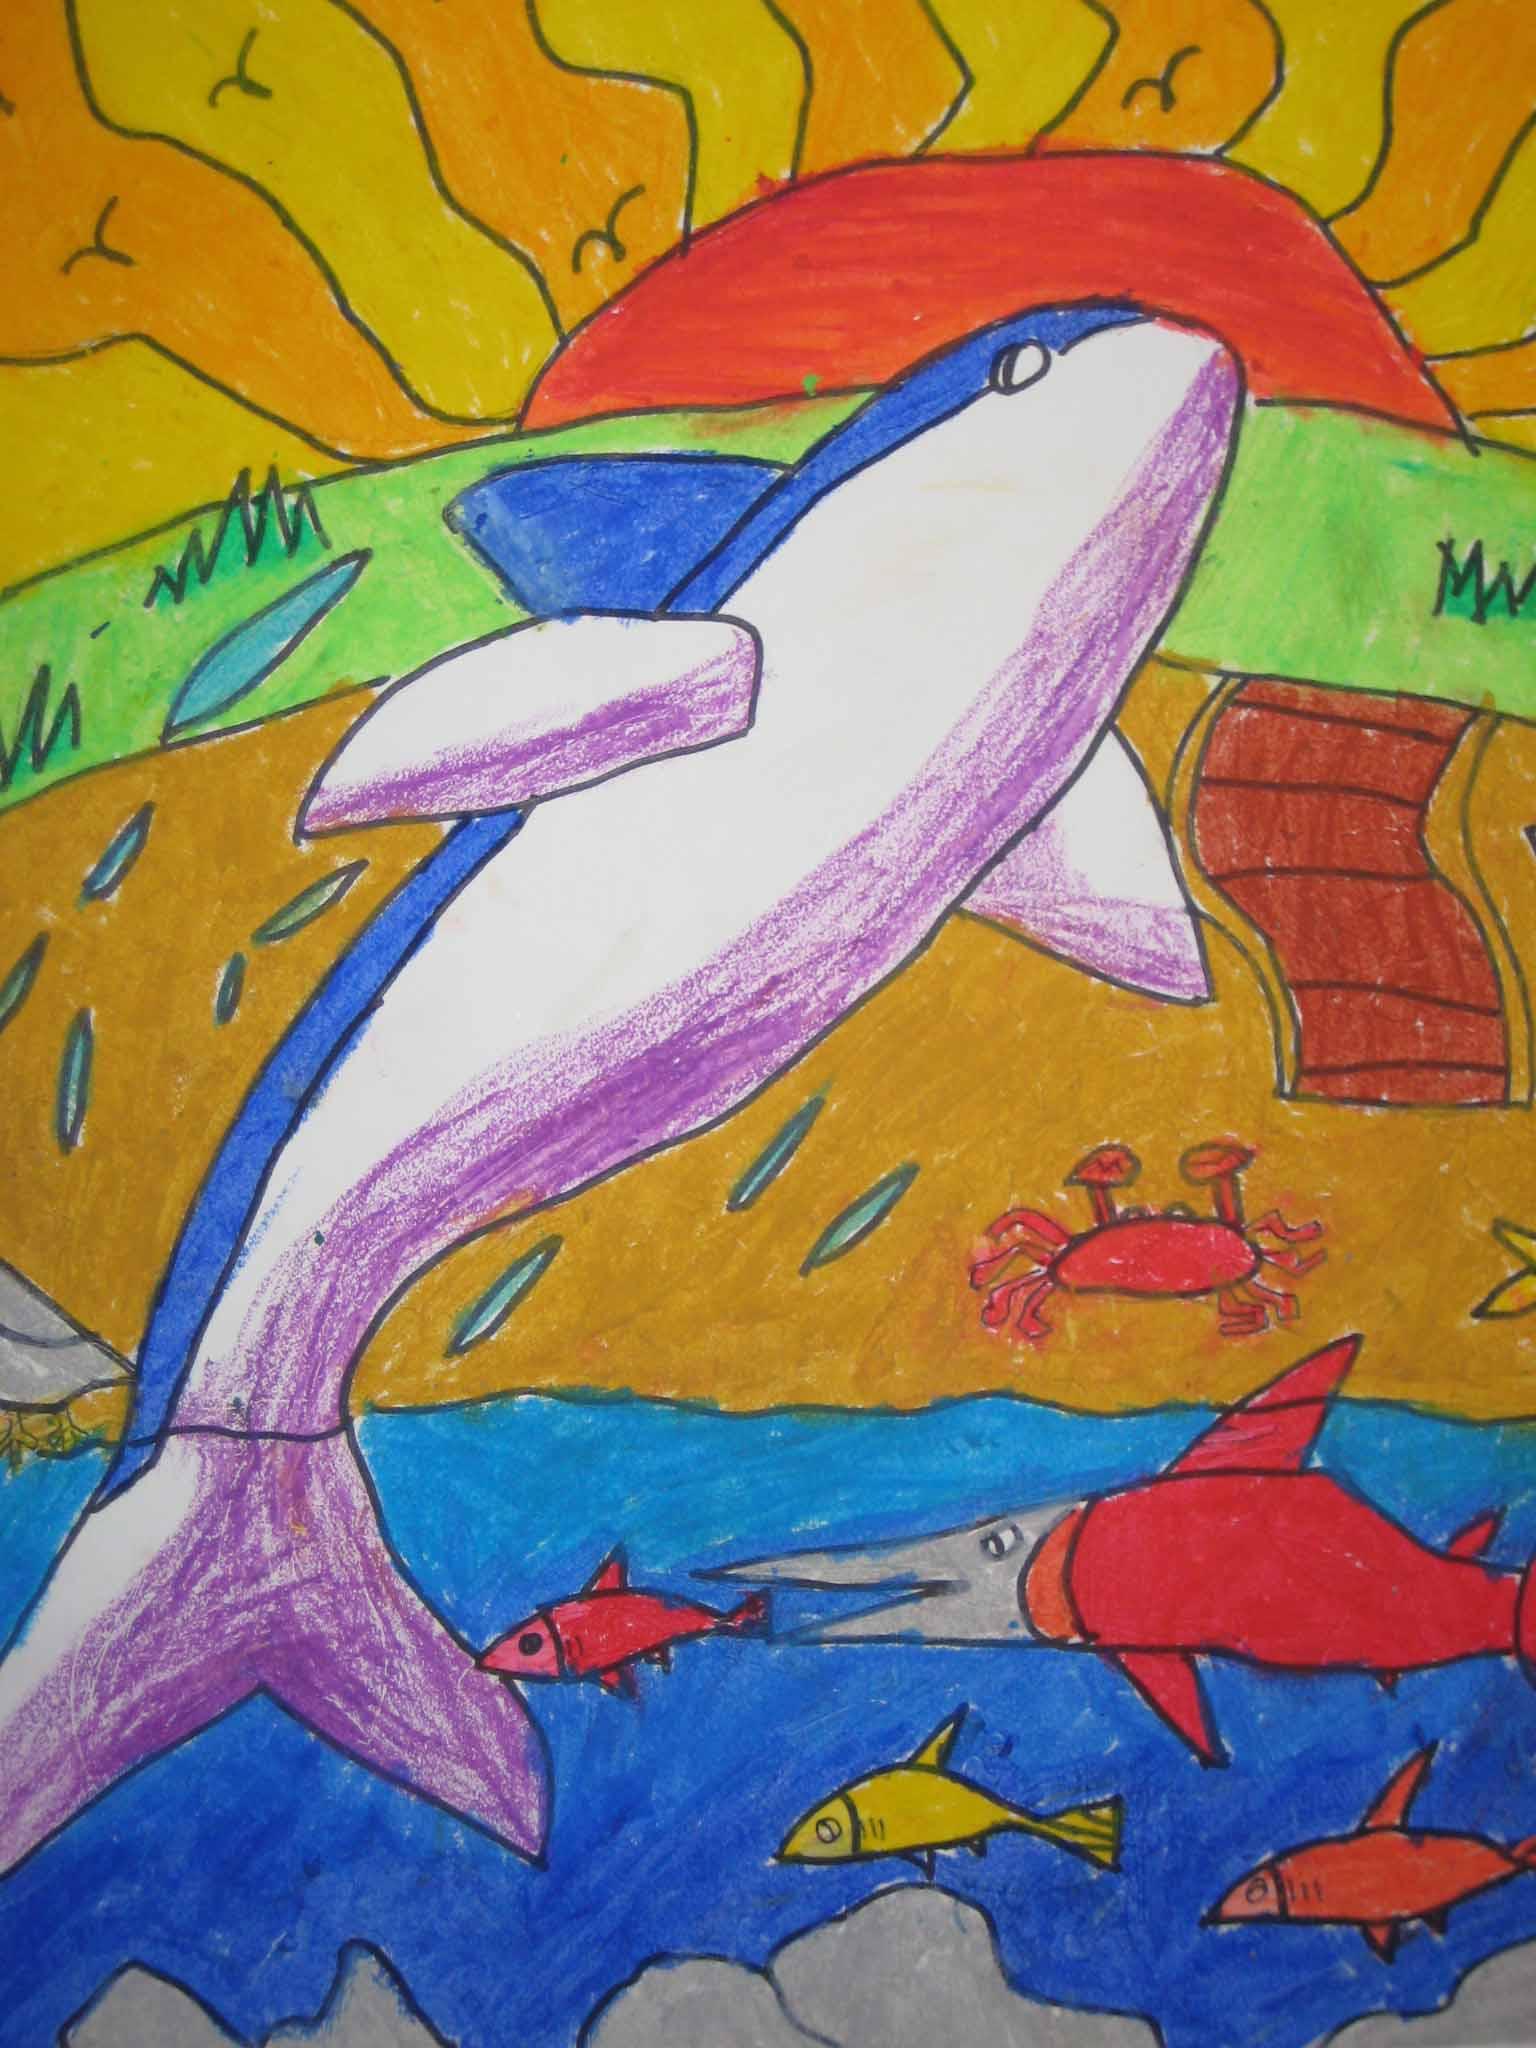 油彩笔画-跃出水面的鲸鱼 - 一张白纸上可以绘出最的